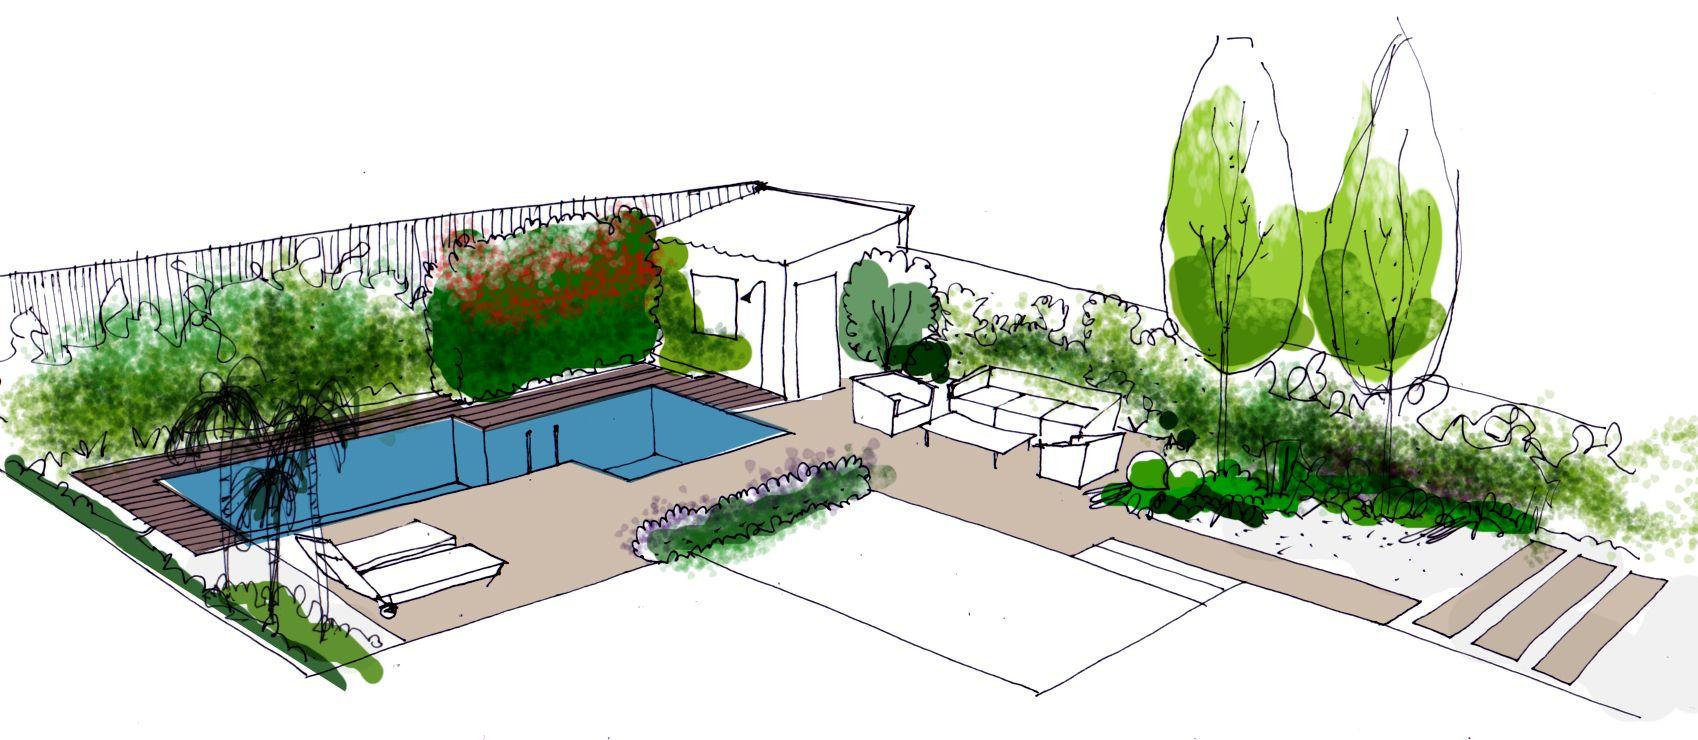 Dise o para un jard n con piscina y nuevas zonas for Software diseno jardines